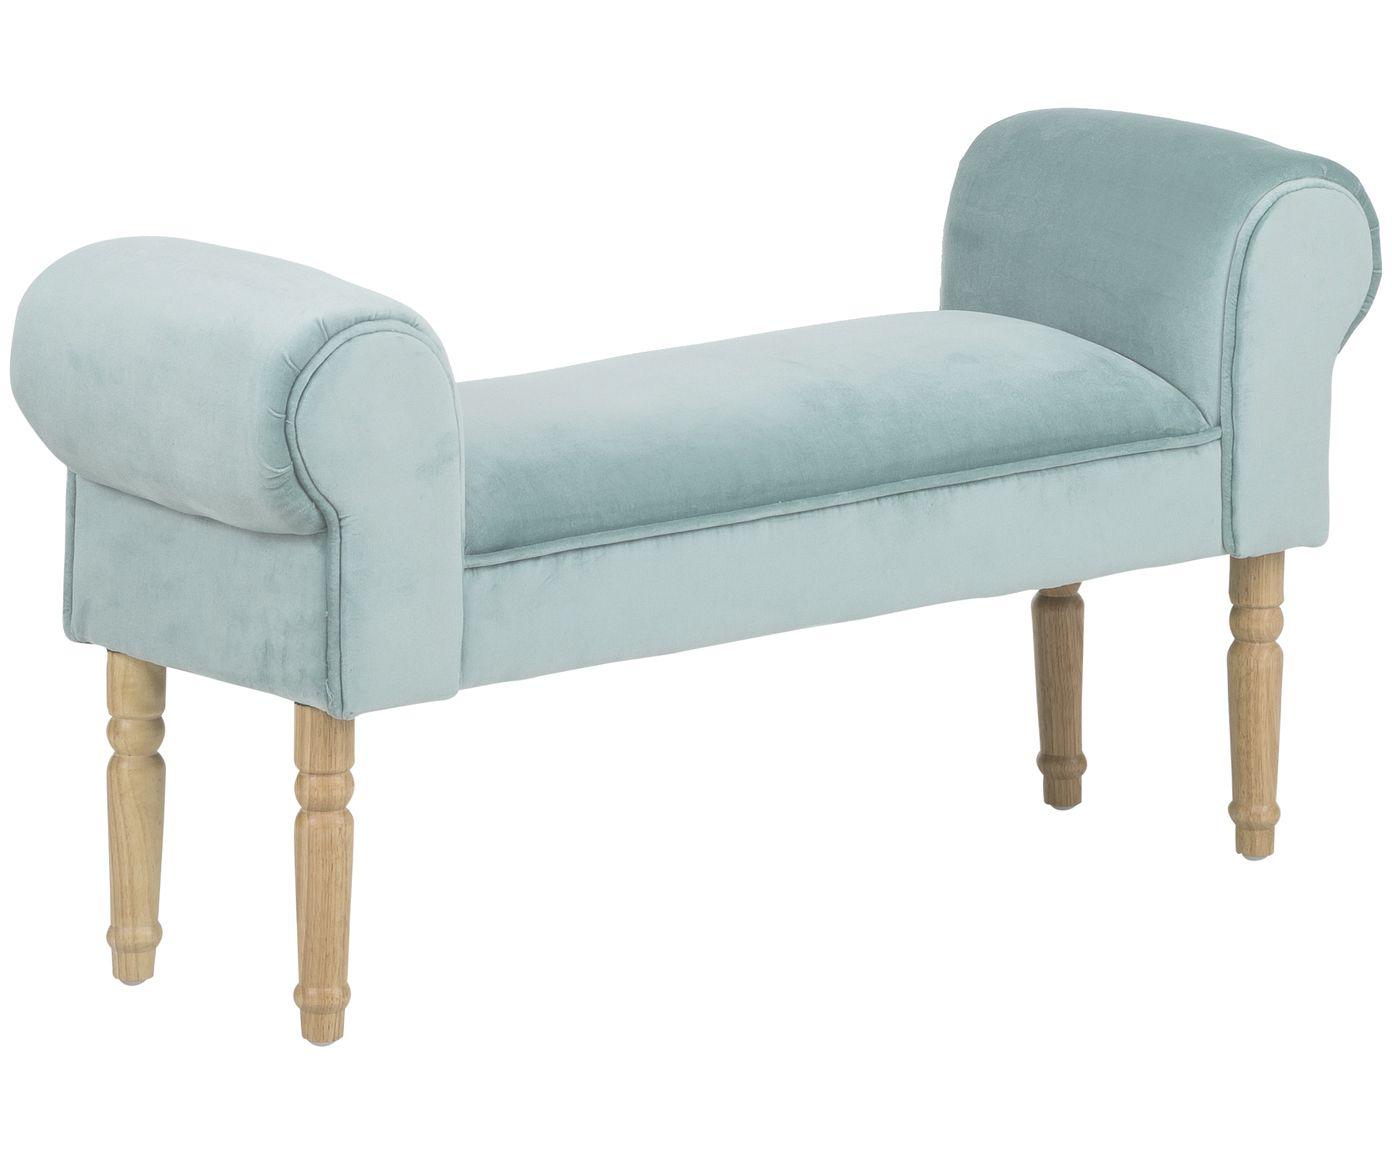 bestellen sie samt sitzbank romy in himmelblau jetzt online entdecken sie tolle m bel. Black Bedroom Furniture Sets. Home Design Ideas